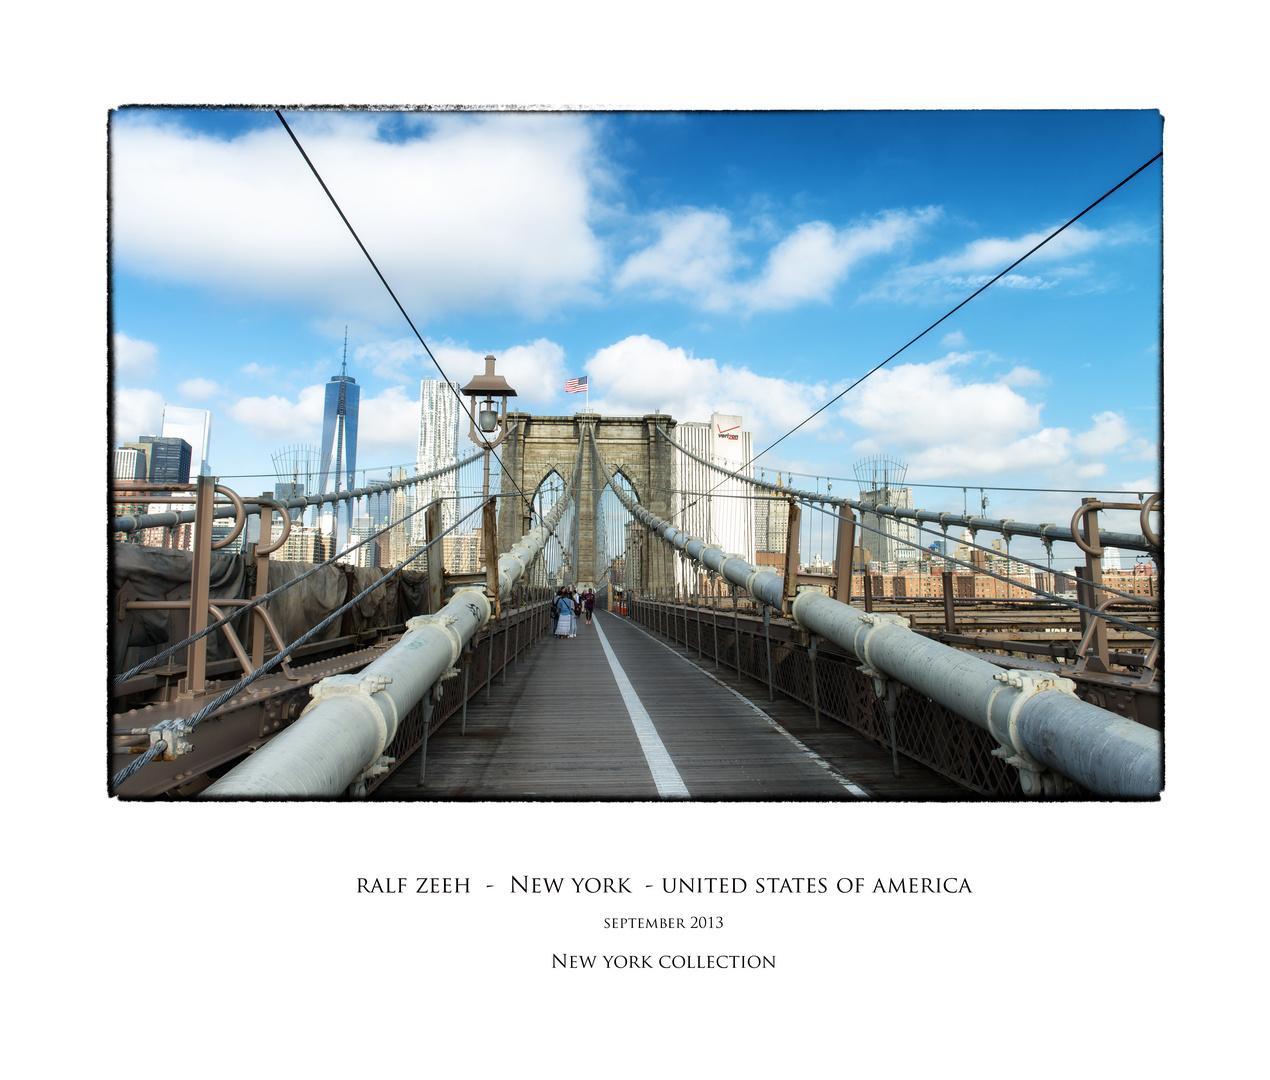 Brooklyn Bridge no.I